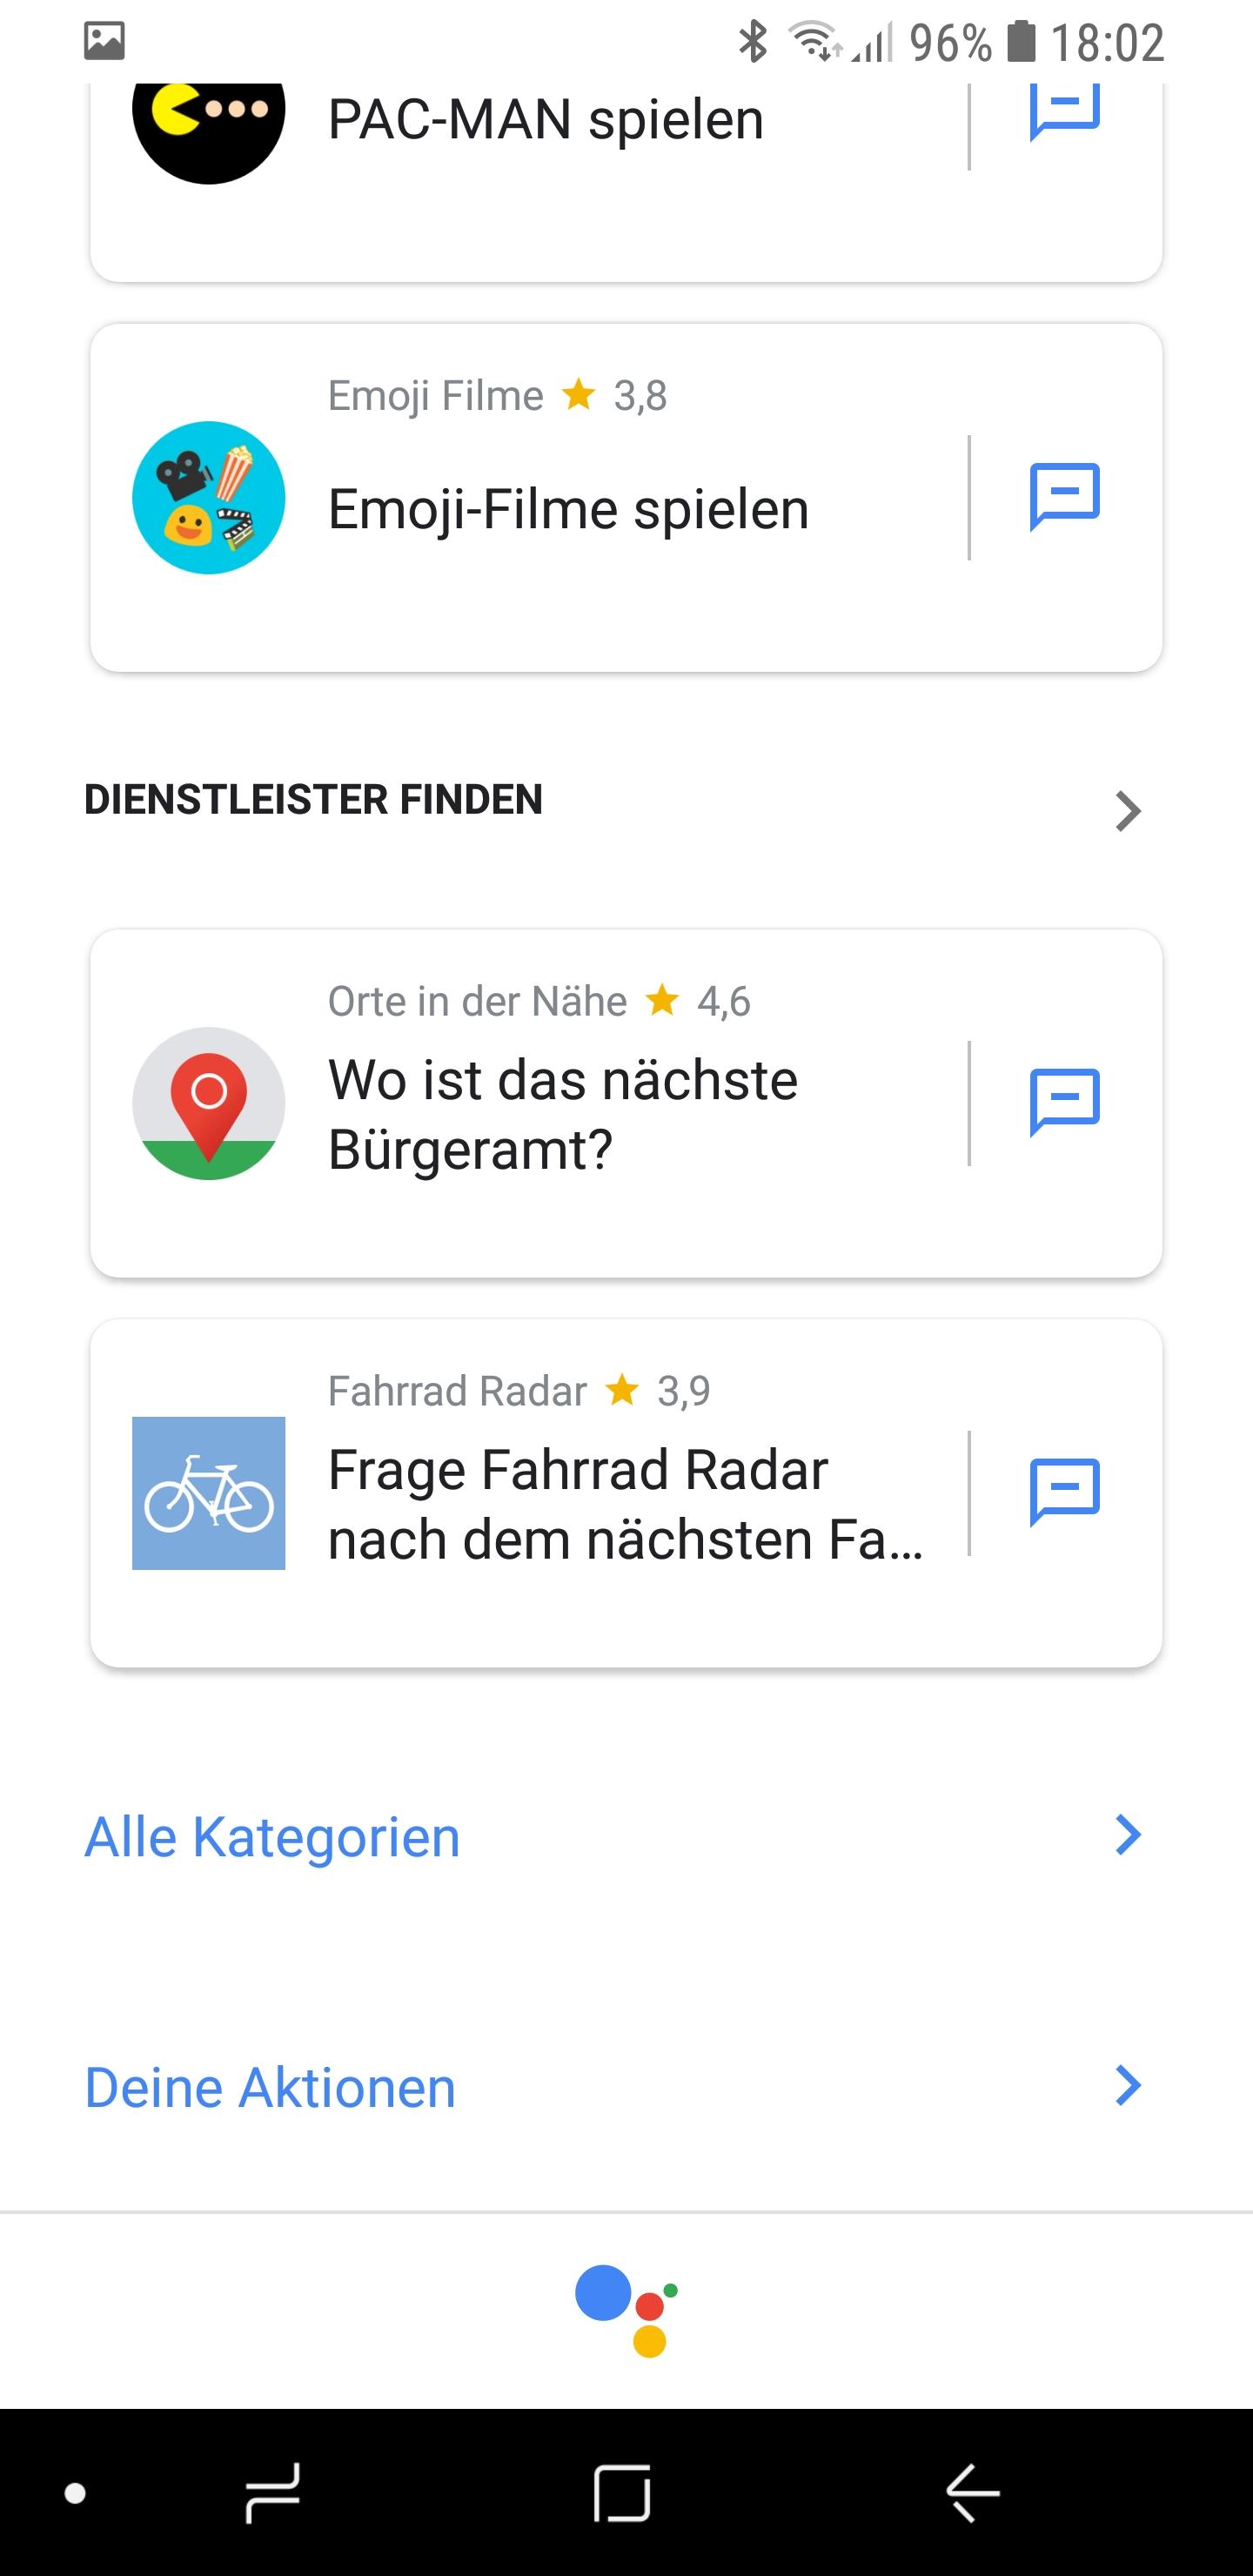 Google Actions Übersicht aufgelistet 03